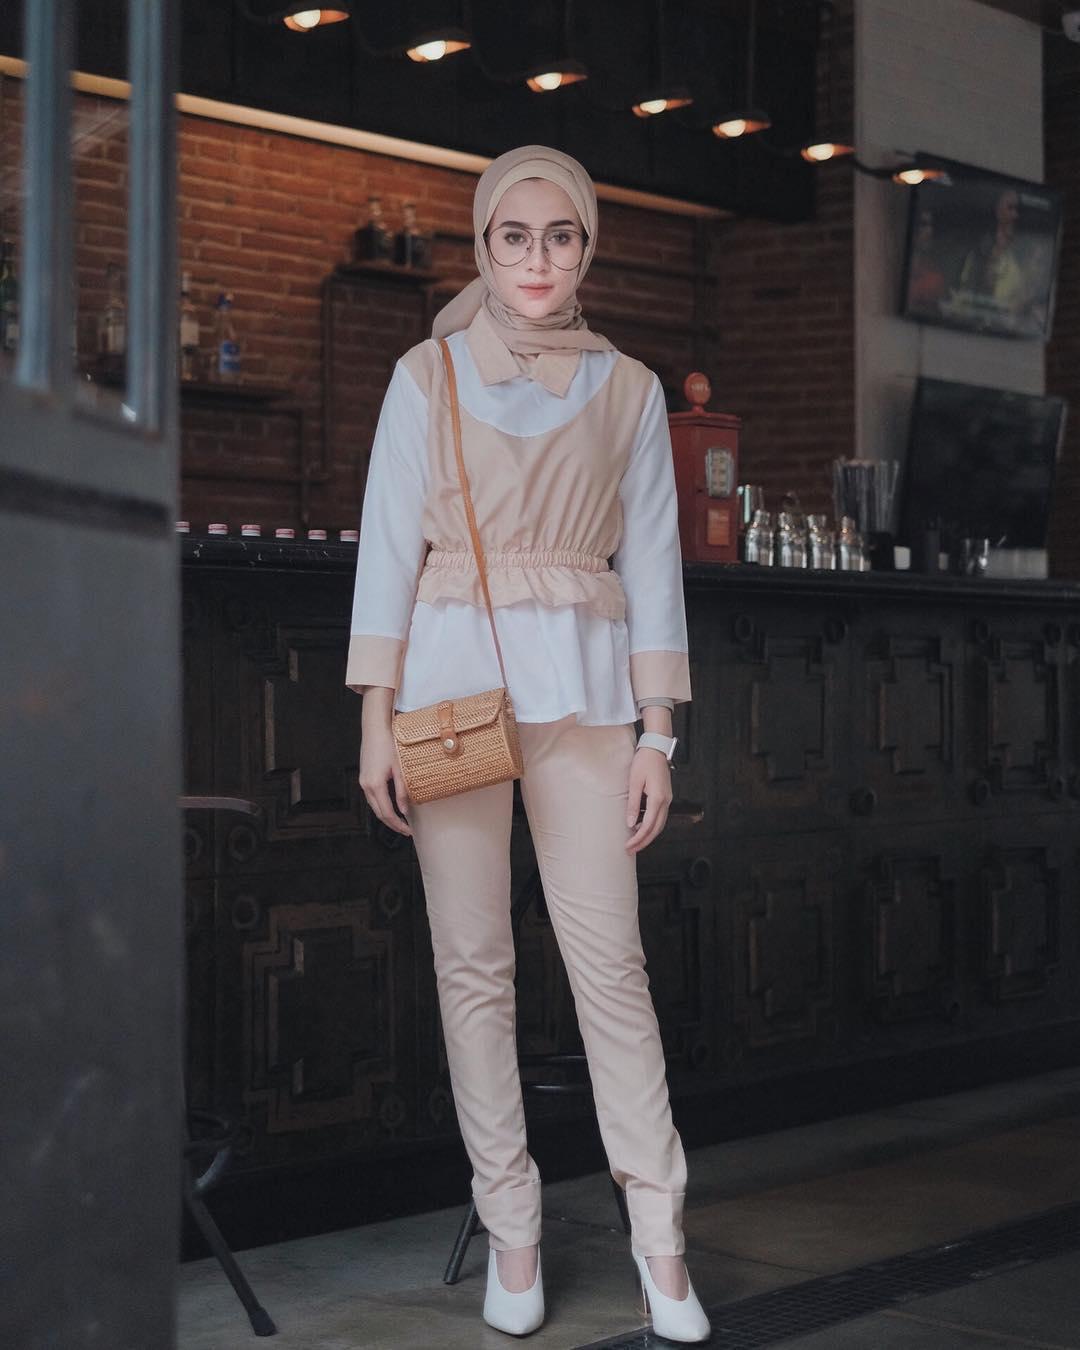 OOTD Baju Hijab Kekinian Ala Selebgram 2018 ciput cream hijab segi empat scarf top blouse outerwear longpants celana bahan orange muda tas slingbag rotan coklat muda high heels wedges jam tangan layar sentuh putih kacamata bulat coklat tua gaya casual bahan katun selebgram